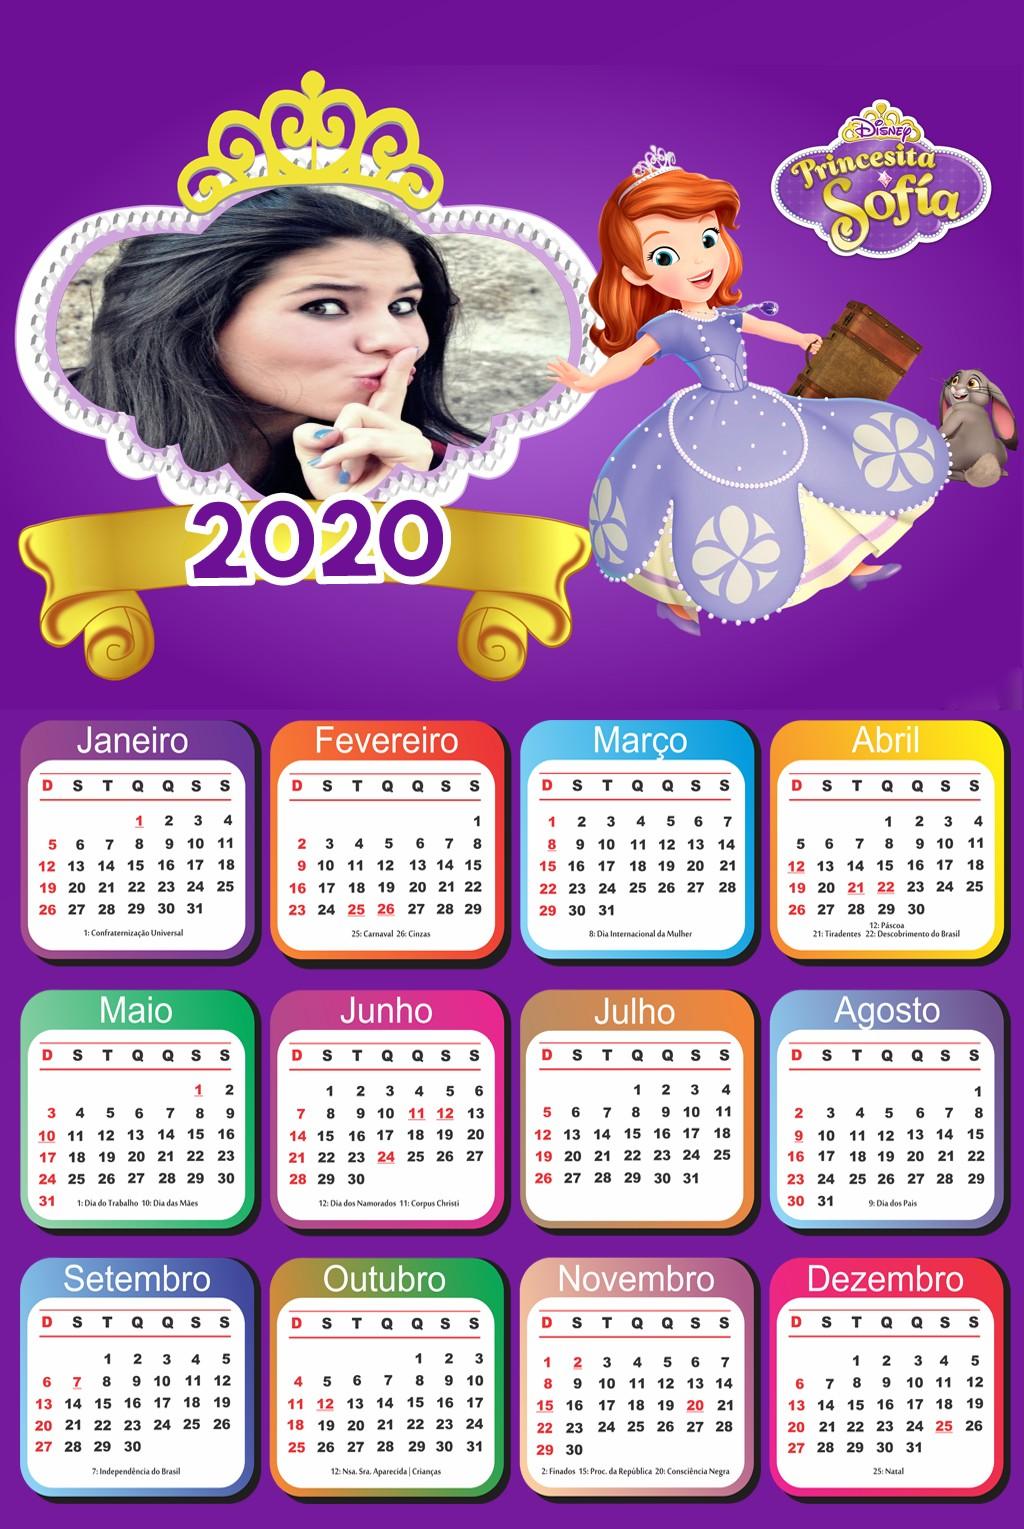 moldura-para-fotos-calendario-2020-princesa-sofia